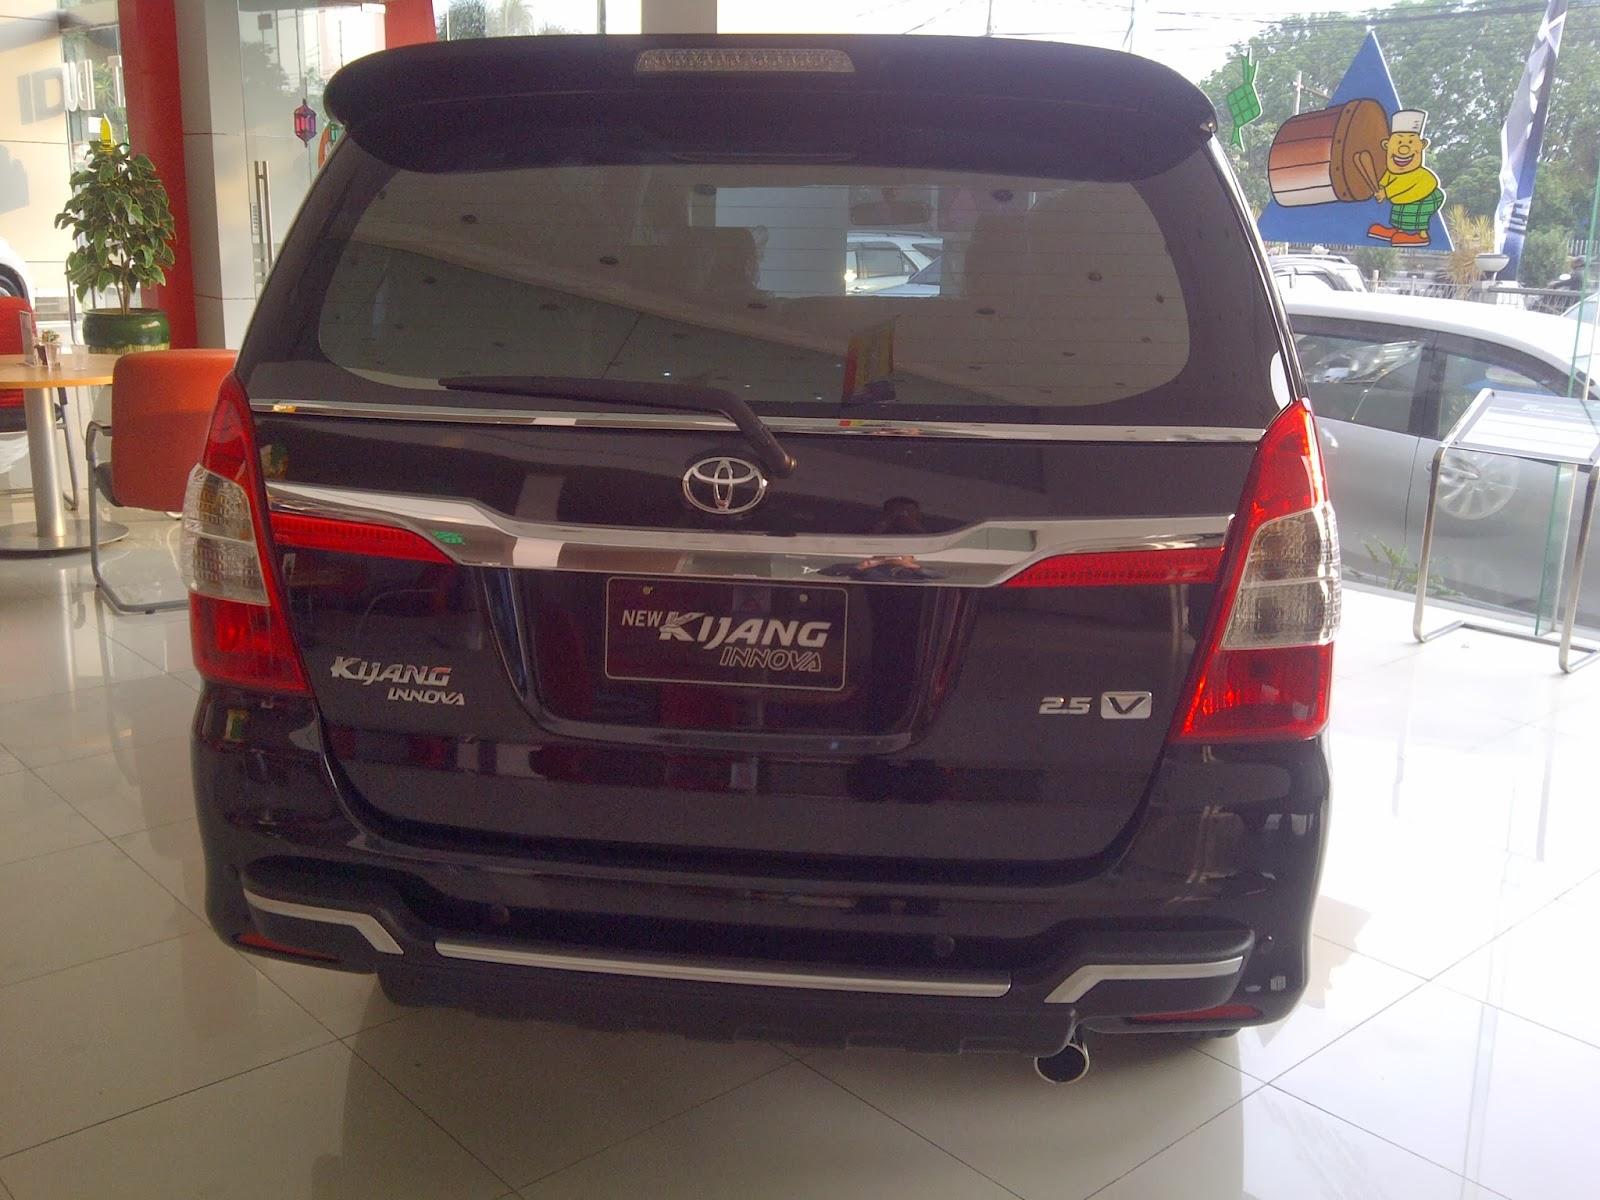 All New Kijang Innova 2013 Lampu Stop Grand Veloz Toyota Auto2000 Soekarno Hatta Bandung Rush